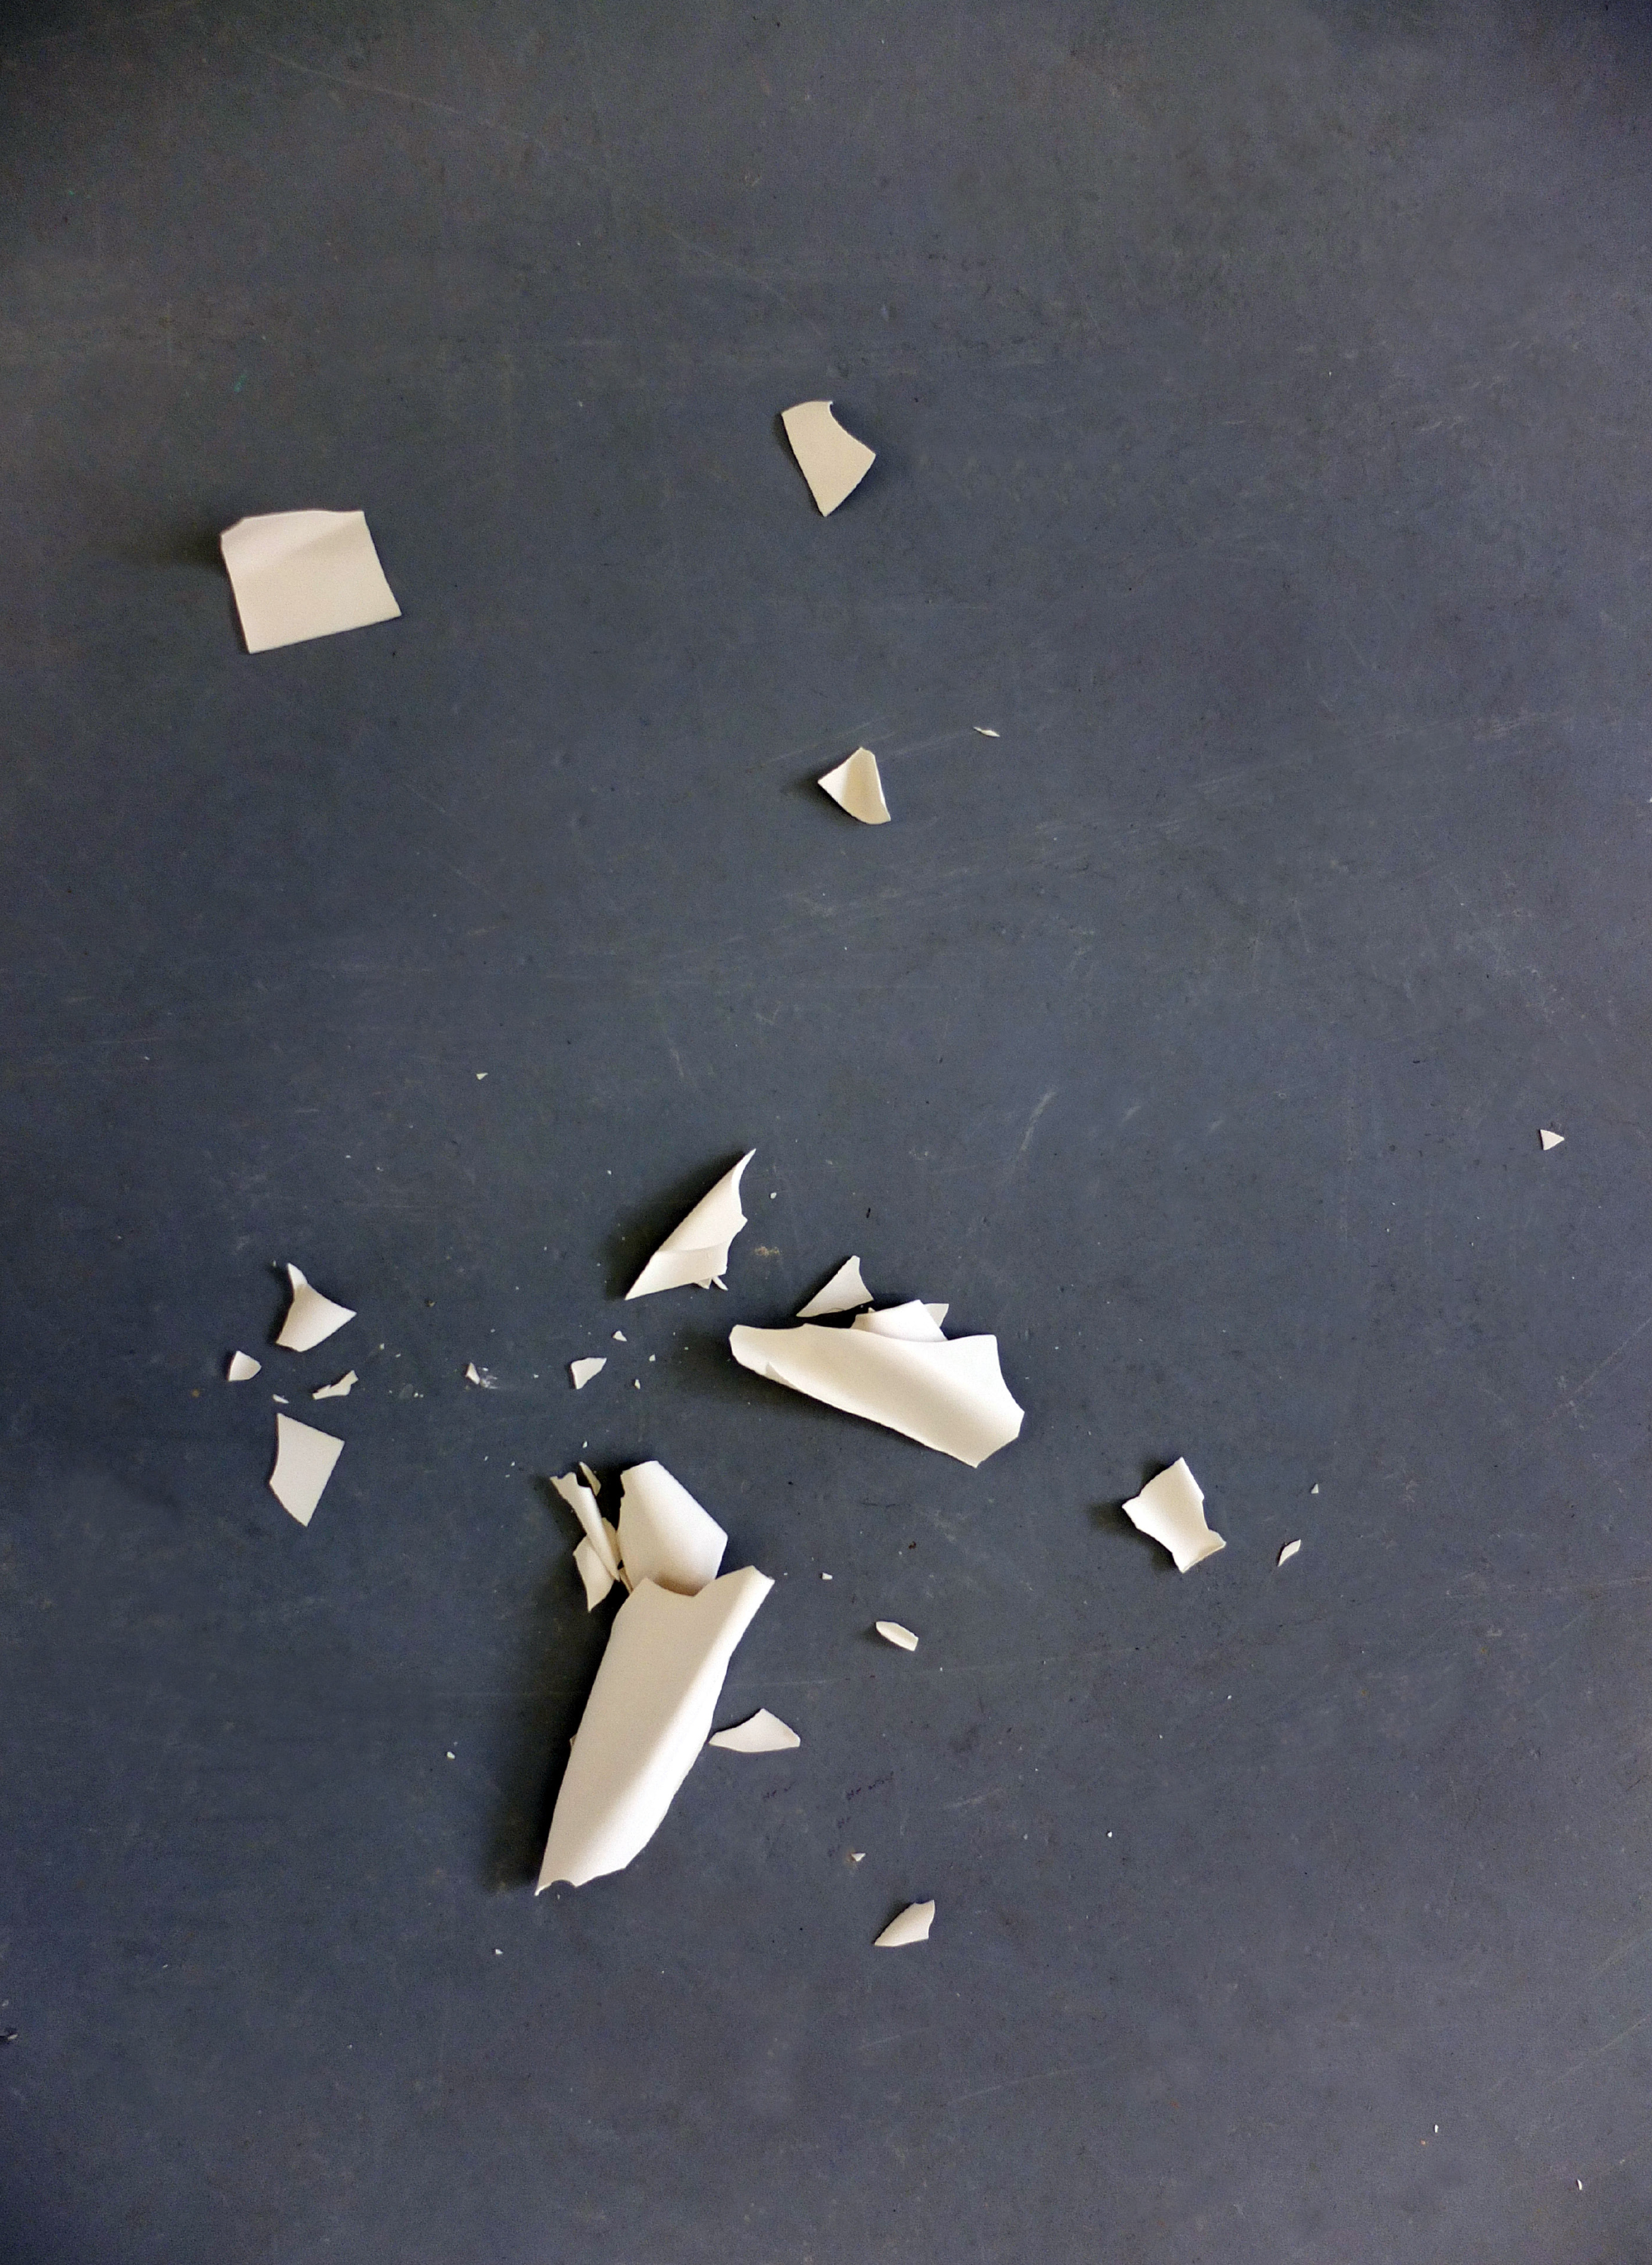 Paper plane-Broken